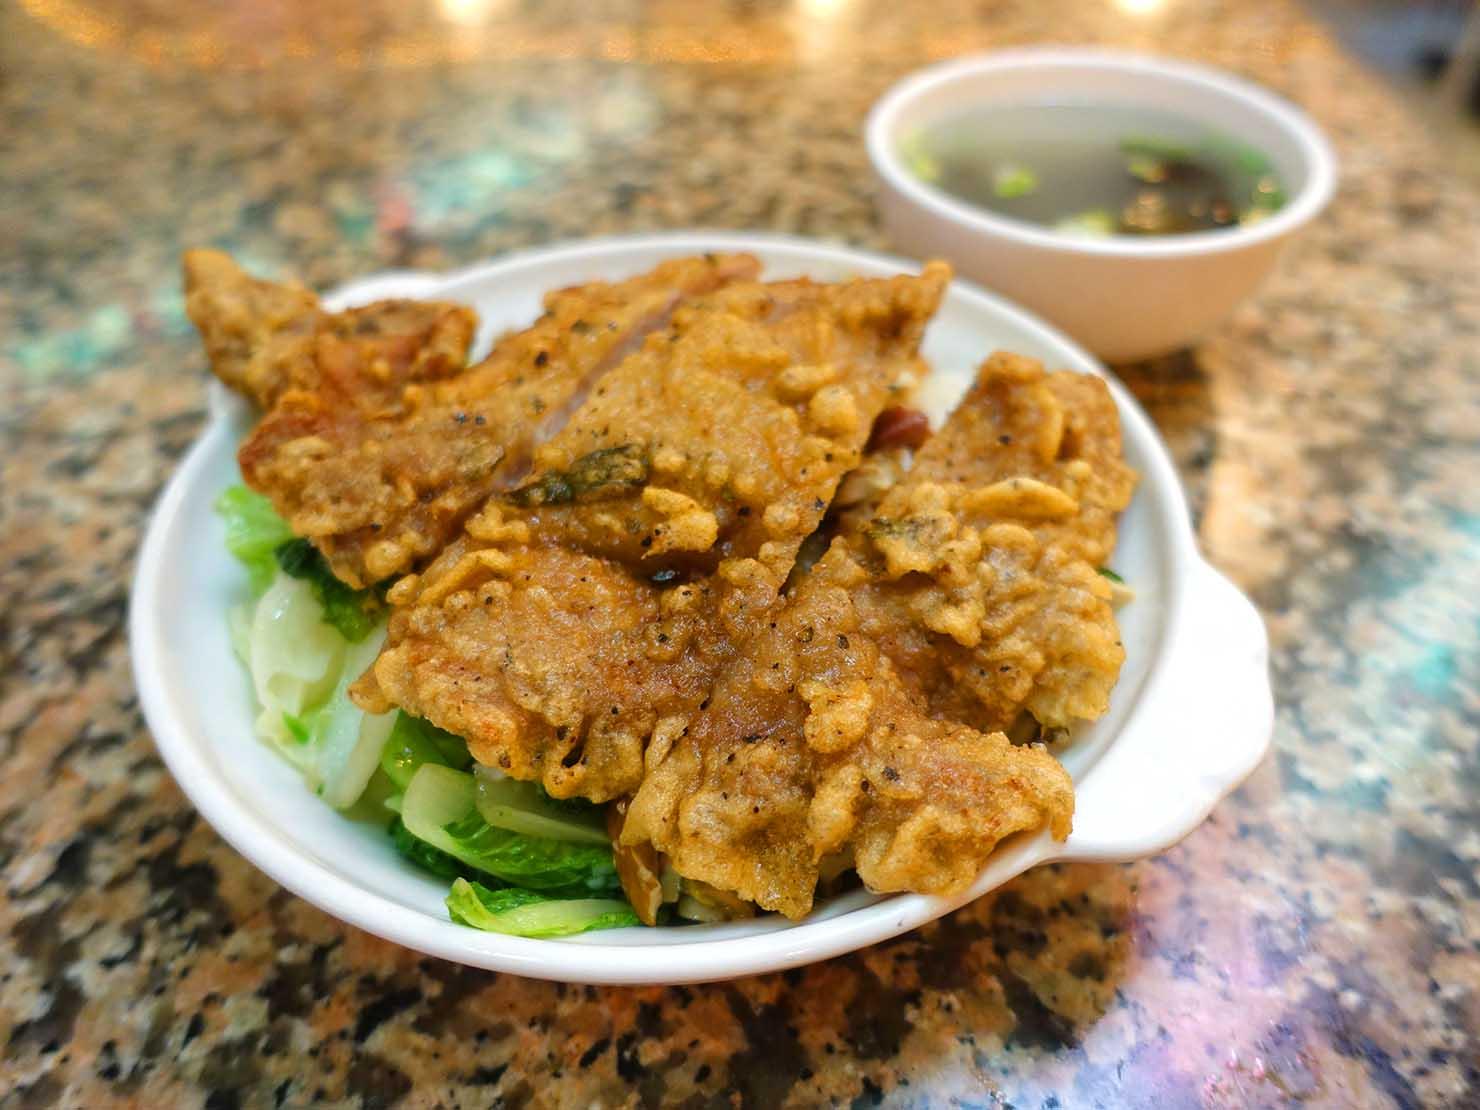 台北・西門町にある排骨飯の老舗「東一排骨總店」の排骨飯(パイグーファン)